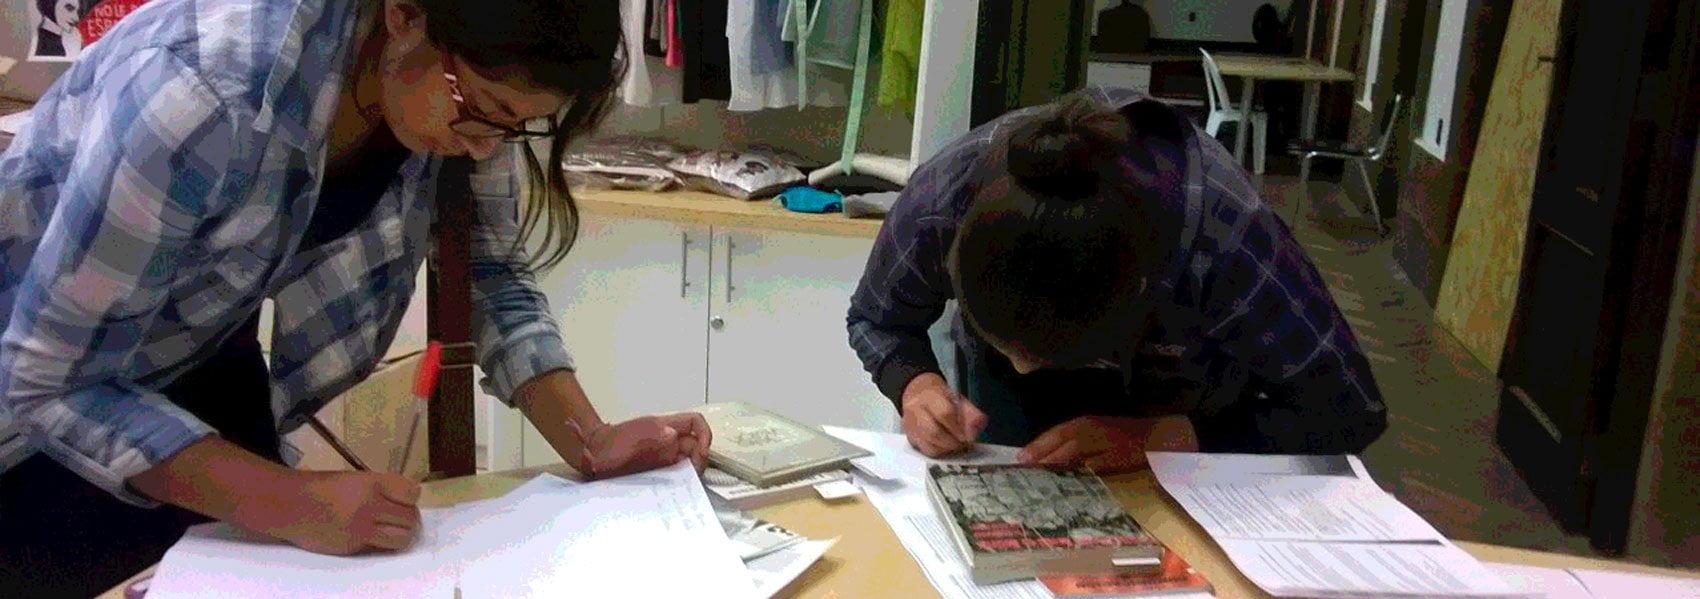 Centro de Documentación CEDIB reabre sus puertas